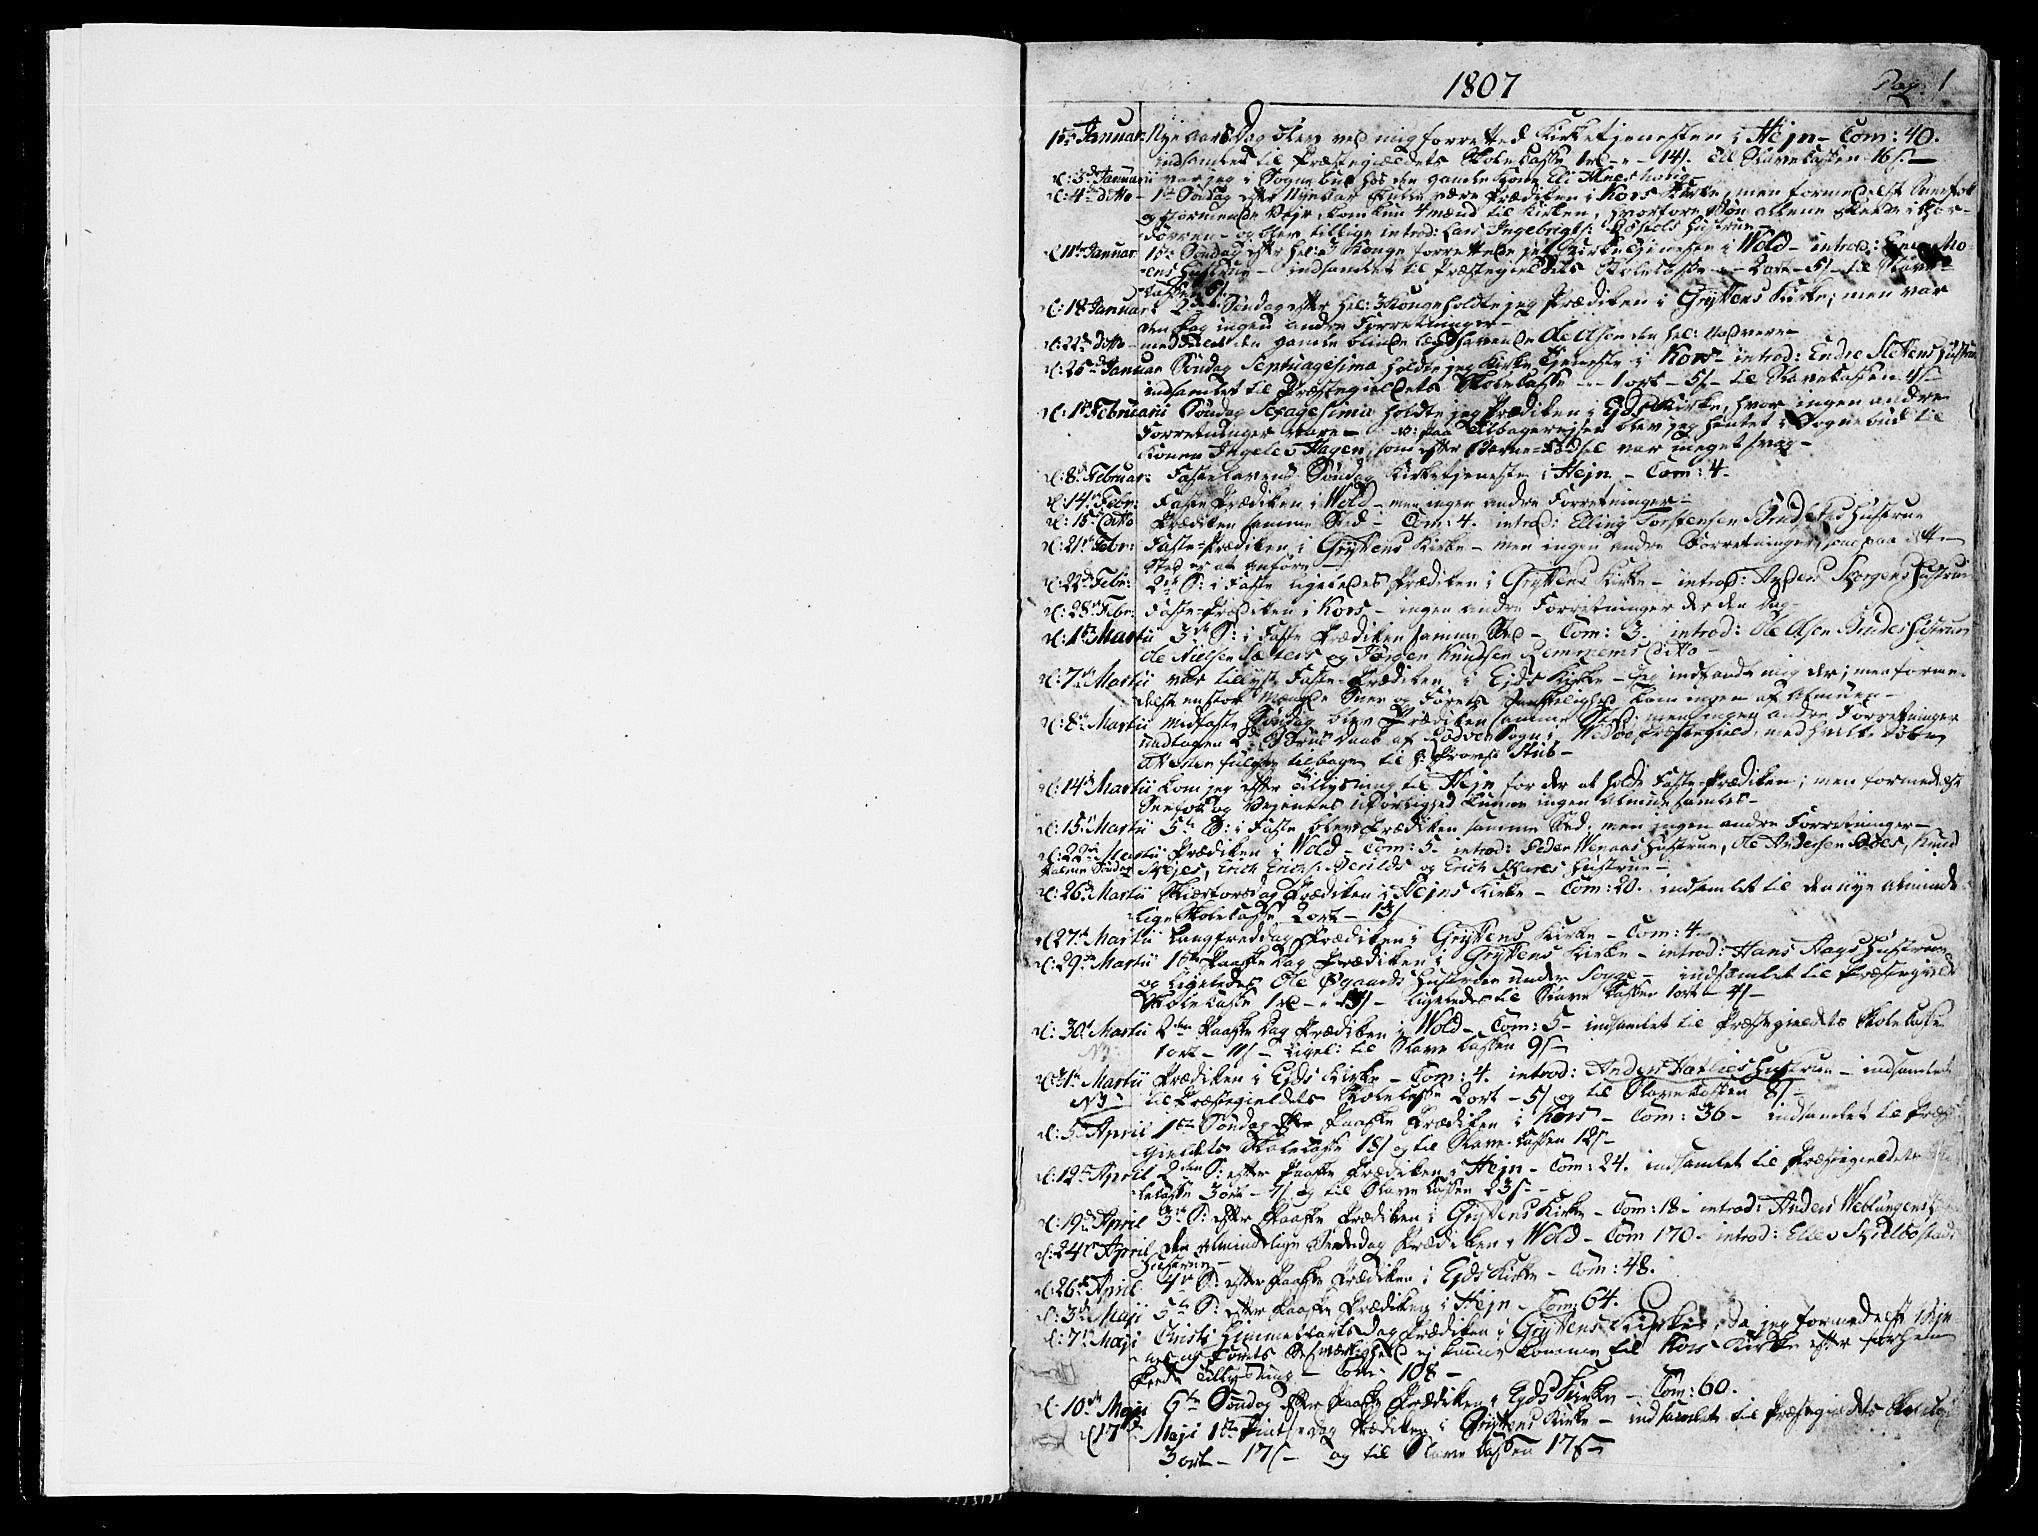 SAT, Ministerialprotokoller, klokkerbøker og fødselsregistre - Møre og Romsdal, 544/L0570: Ministerialbok nr. 544A03, 1807-1817, s. 0-1